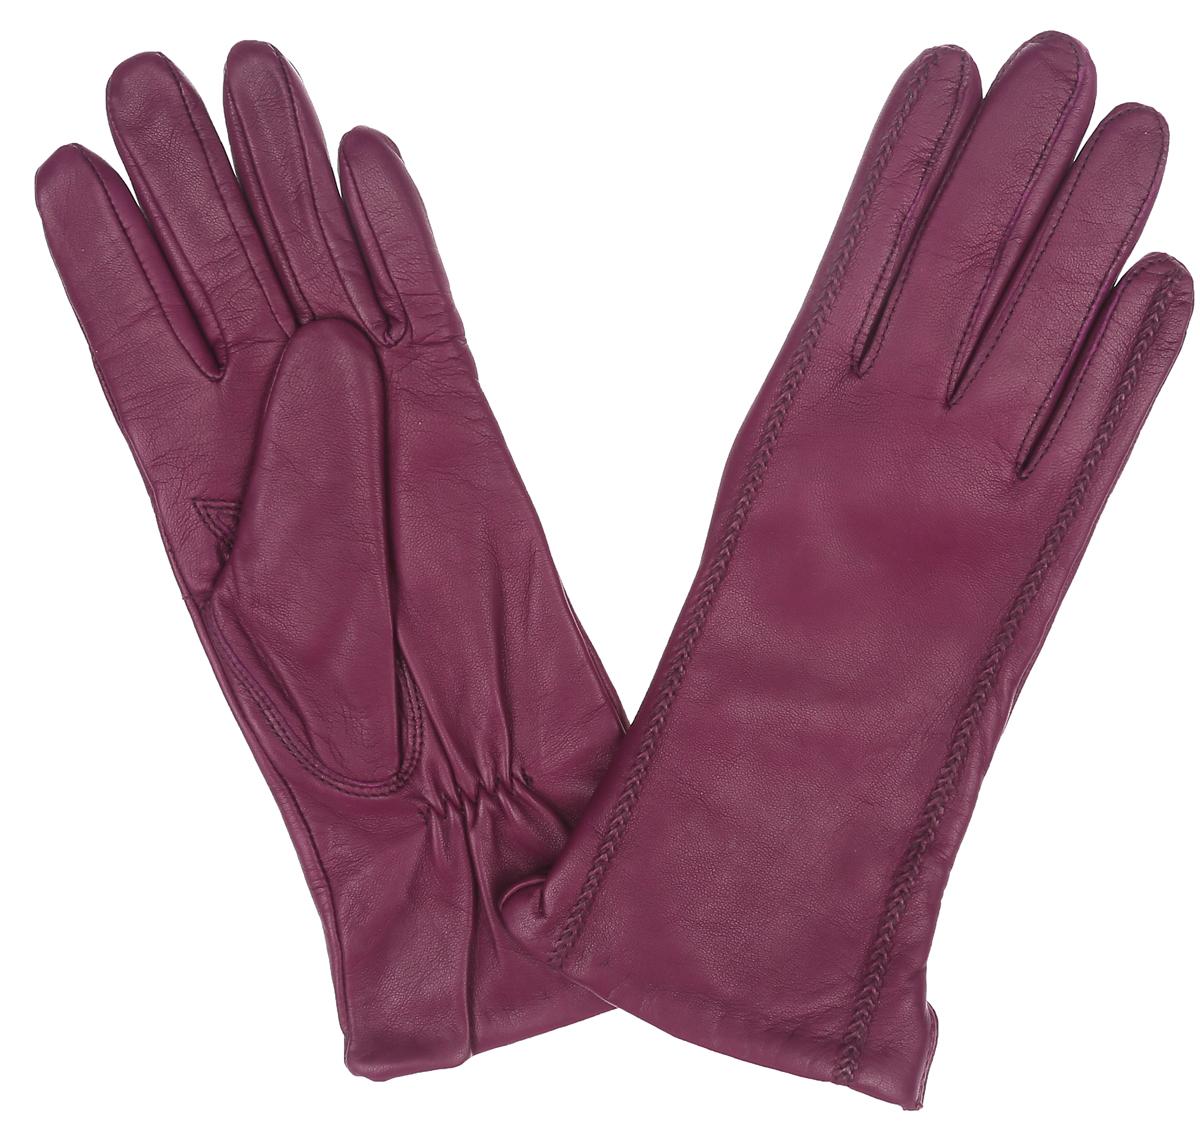 Перчатки женские. IS02804-shIS02804-shКлассические женские перчатки Eleganzza идеально подойдут для модниц с миниатюрными ручками. Перчатки выполнены из необыкновенно мягкой и приятной на ощупь кожи ягненка, а их подкладка - из шерсти с добавлением кашемира. Лицевая сторона оформлена декоративной прострочкой в тон изделия. Тыльная сторона дополнена аккуратным боковым разрезом и резинкой для оптимальной посадки модели на руке. Потрясающие женские перчатки Eleganzza подойдут романтичным особам с тонким вкусом. Но самое главное - они защитят руки от холода и ветра, сохраняя их красоту.